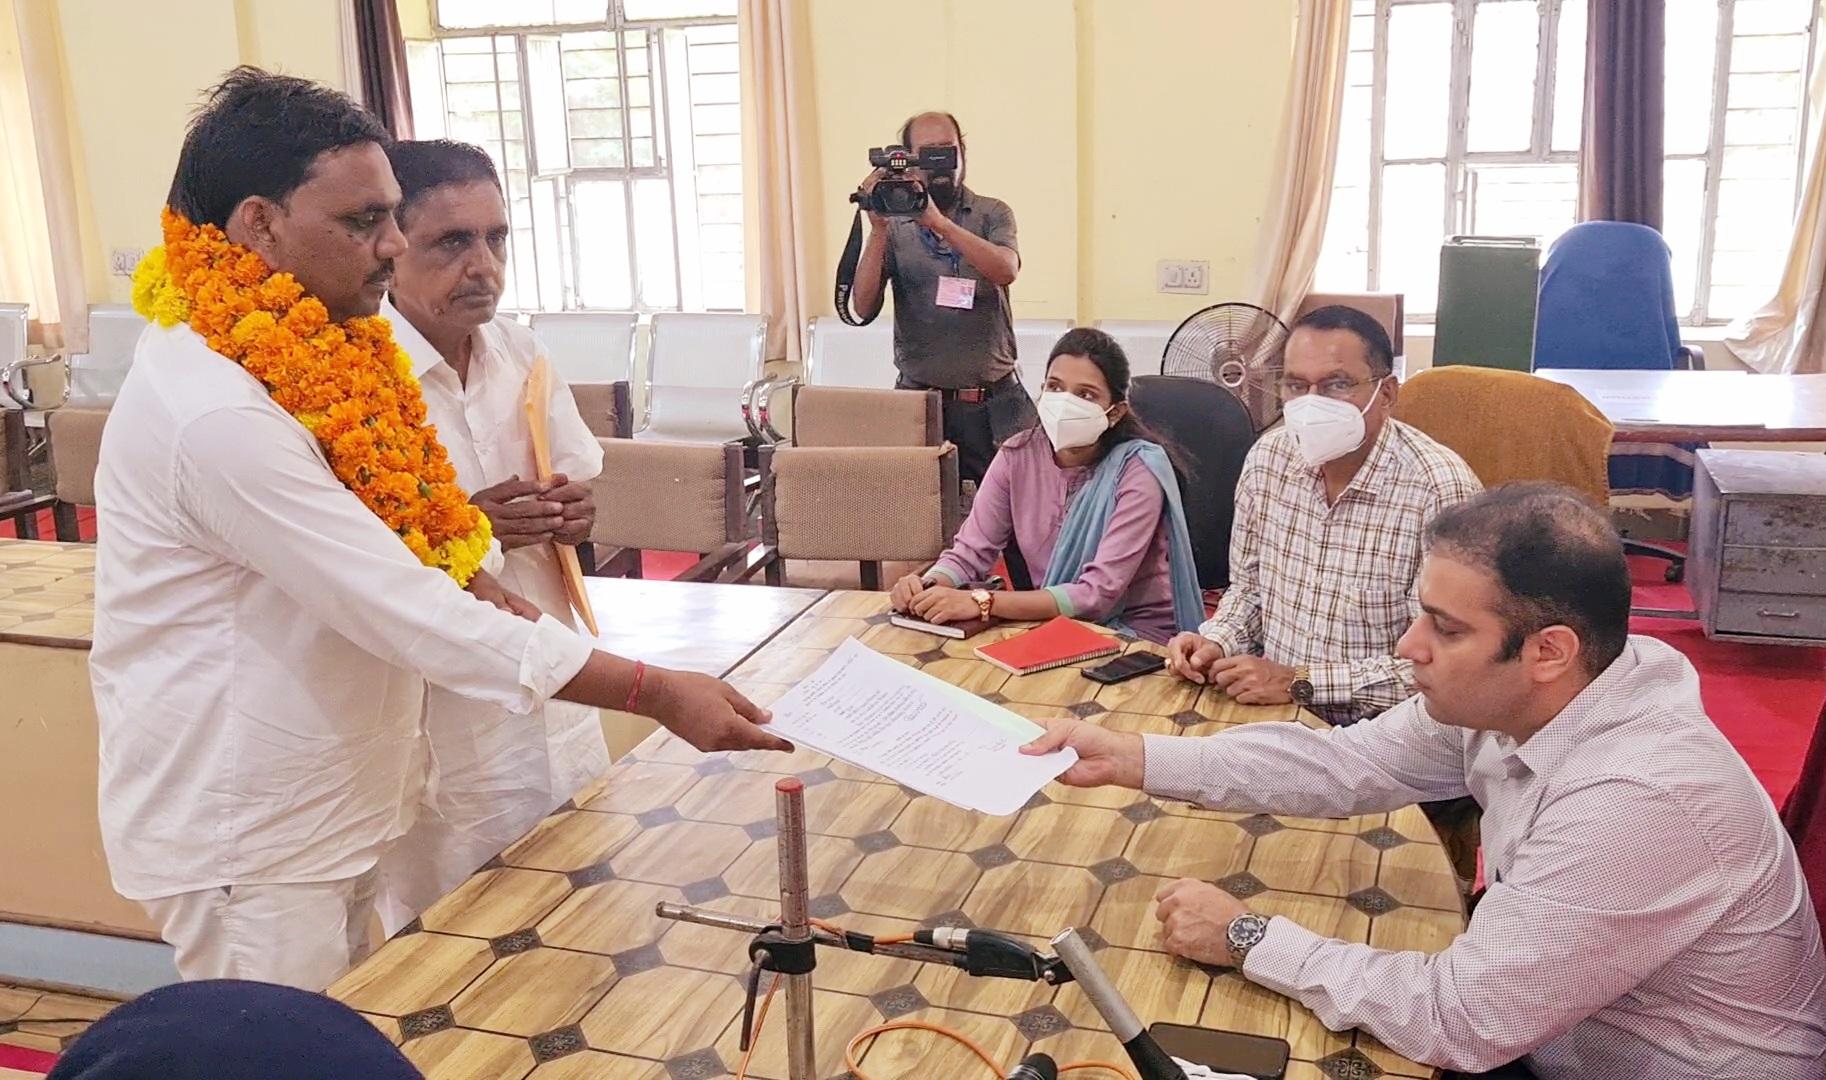 कांग्रेस के हीरालाल सैनी बनेंगे दौसा के जिला प्रमुख, महुवा प्रधान की कुर्सी के लिए देखने को मिलेगा रोचक मुकाबला|दौसा,Dausa - Dainik Bhaskar